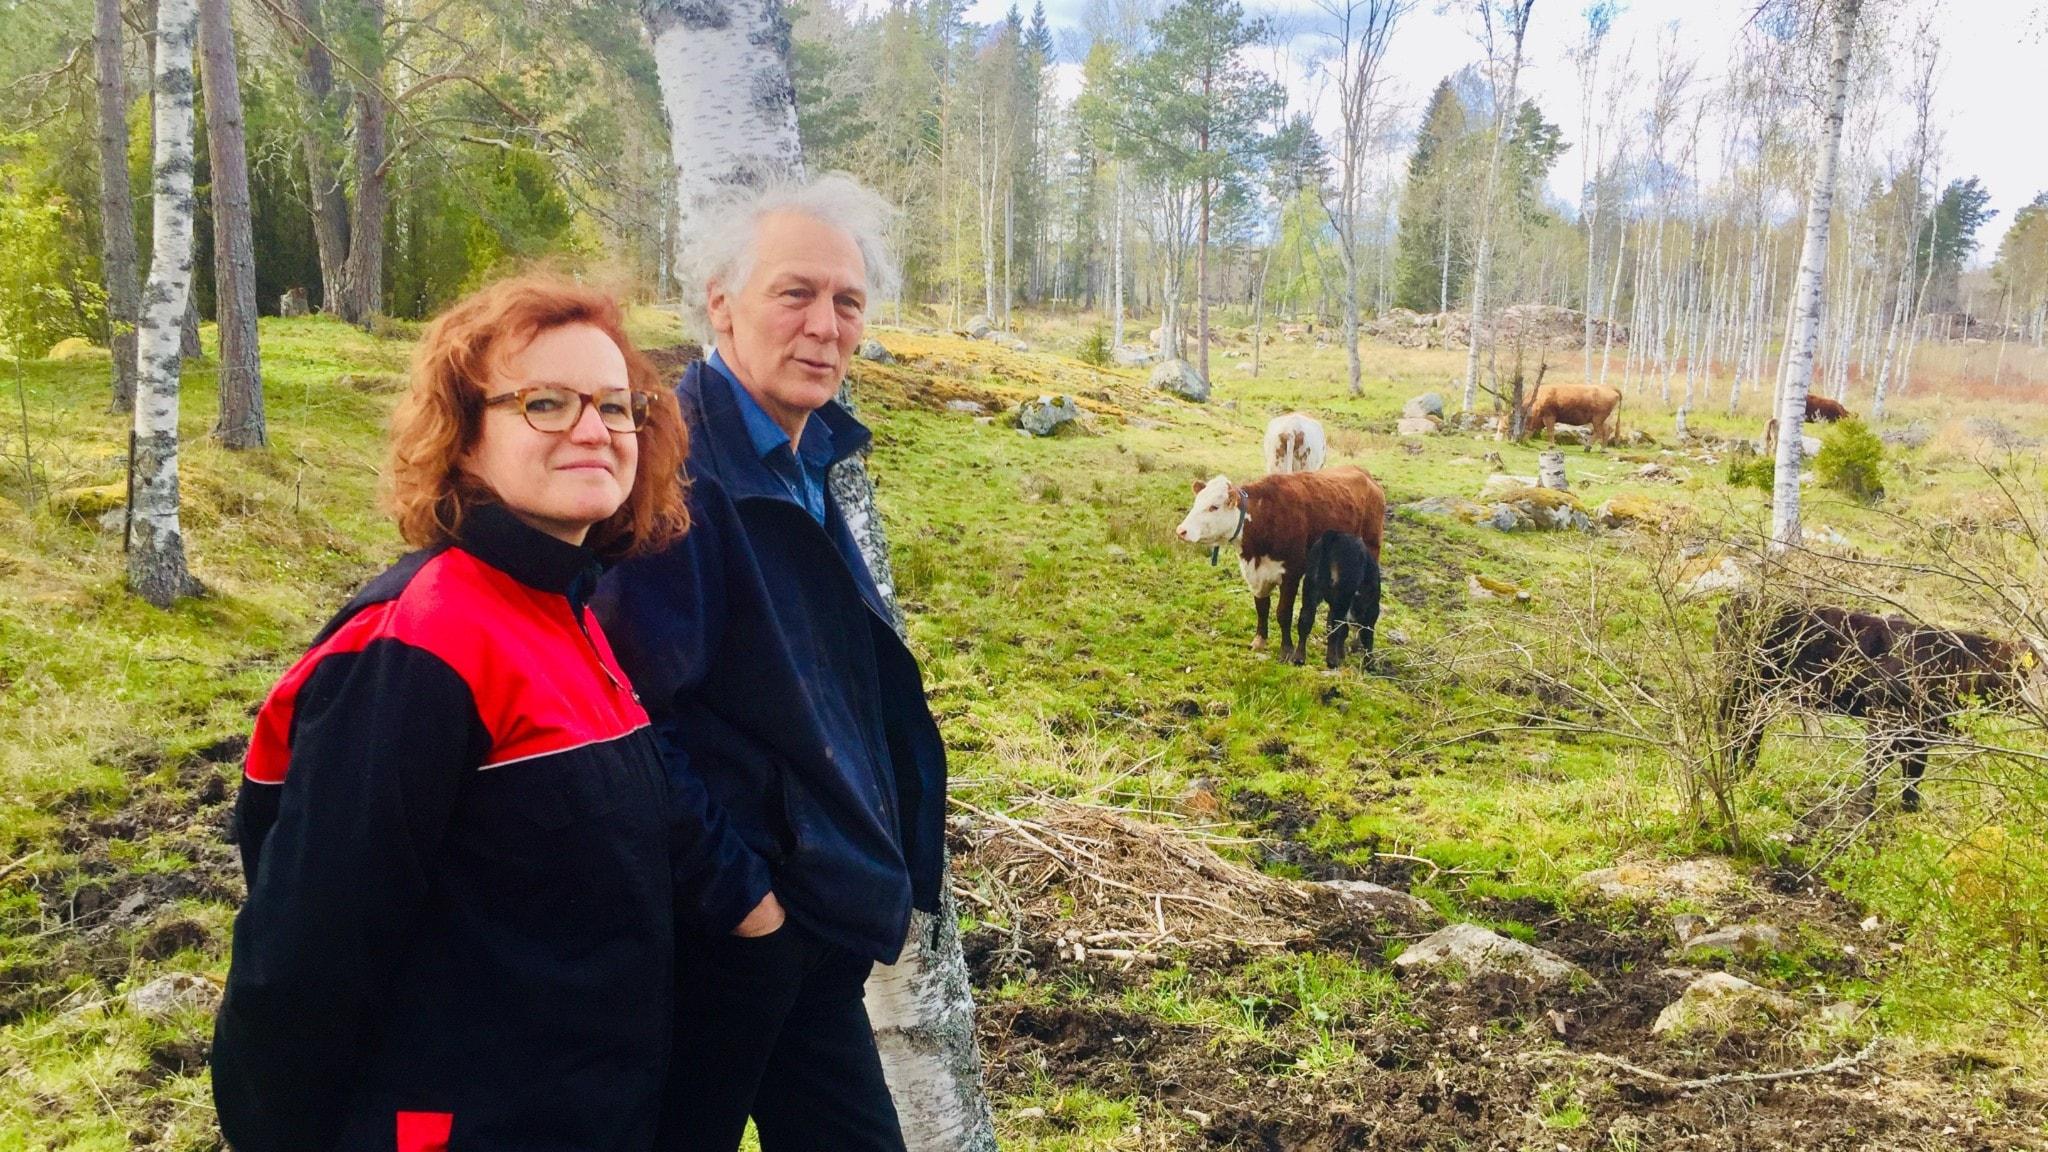 Ann-Helen Meyer von Bremen och Gunnar Rundgren tar emot i kohagen i Uppland.